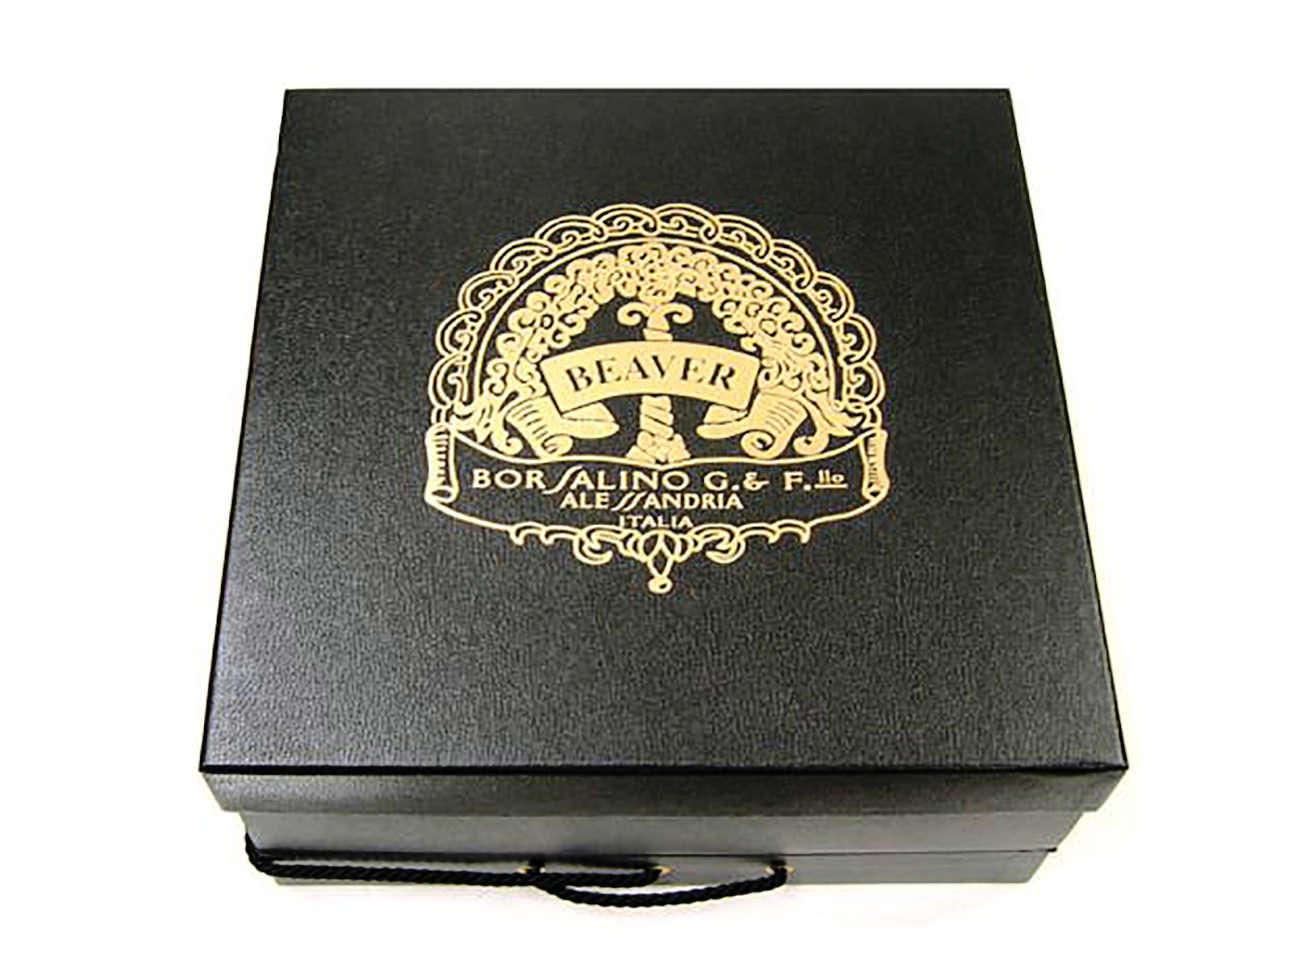 57eb71c4eaa002fa3bf1b35e_BEAVER Box